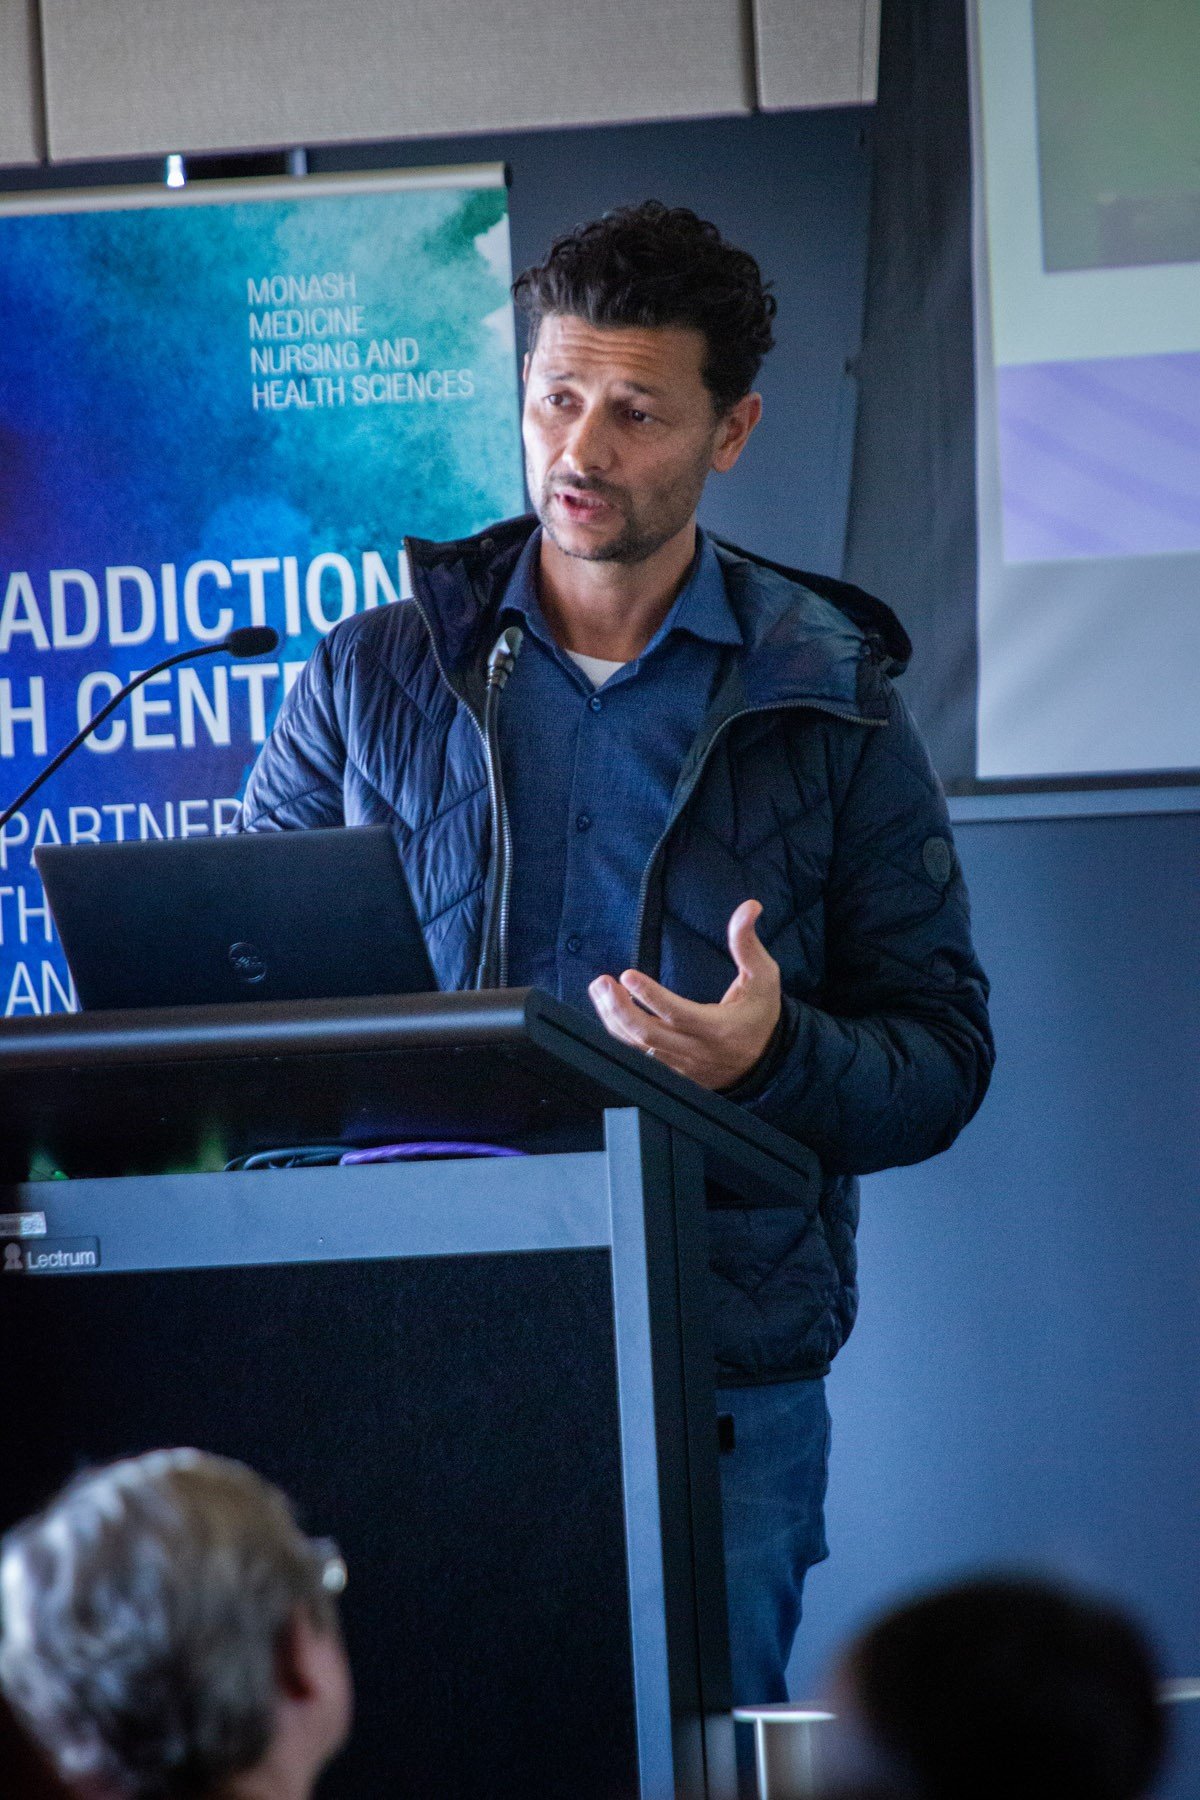 Prof Murat Yucel presenting at the MARC 2019 Symposium